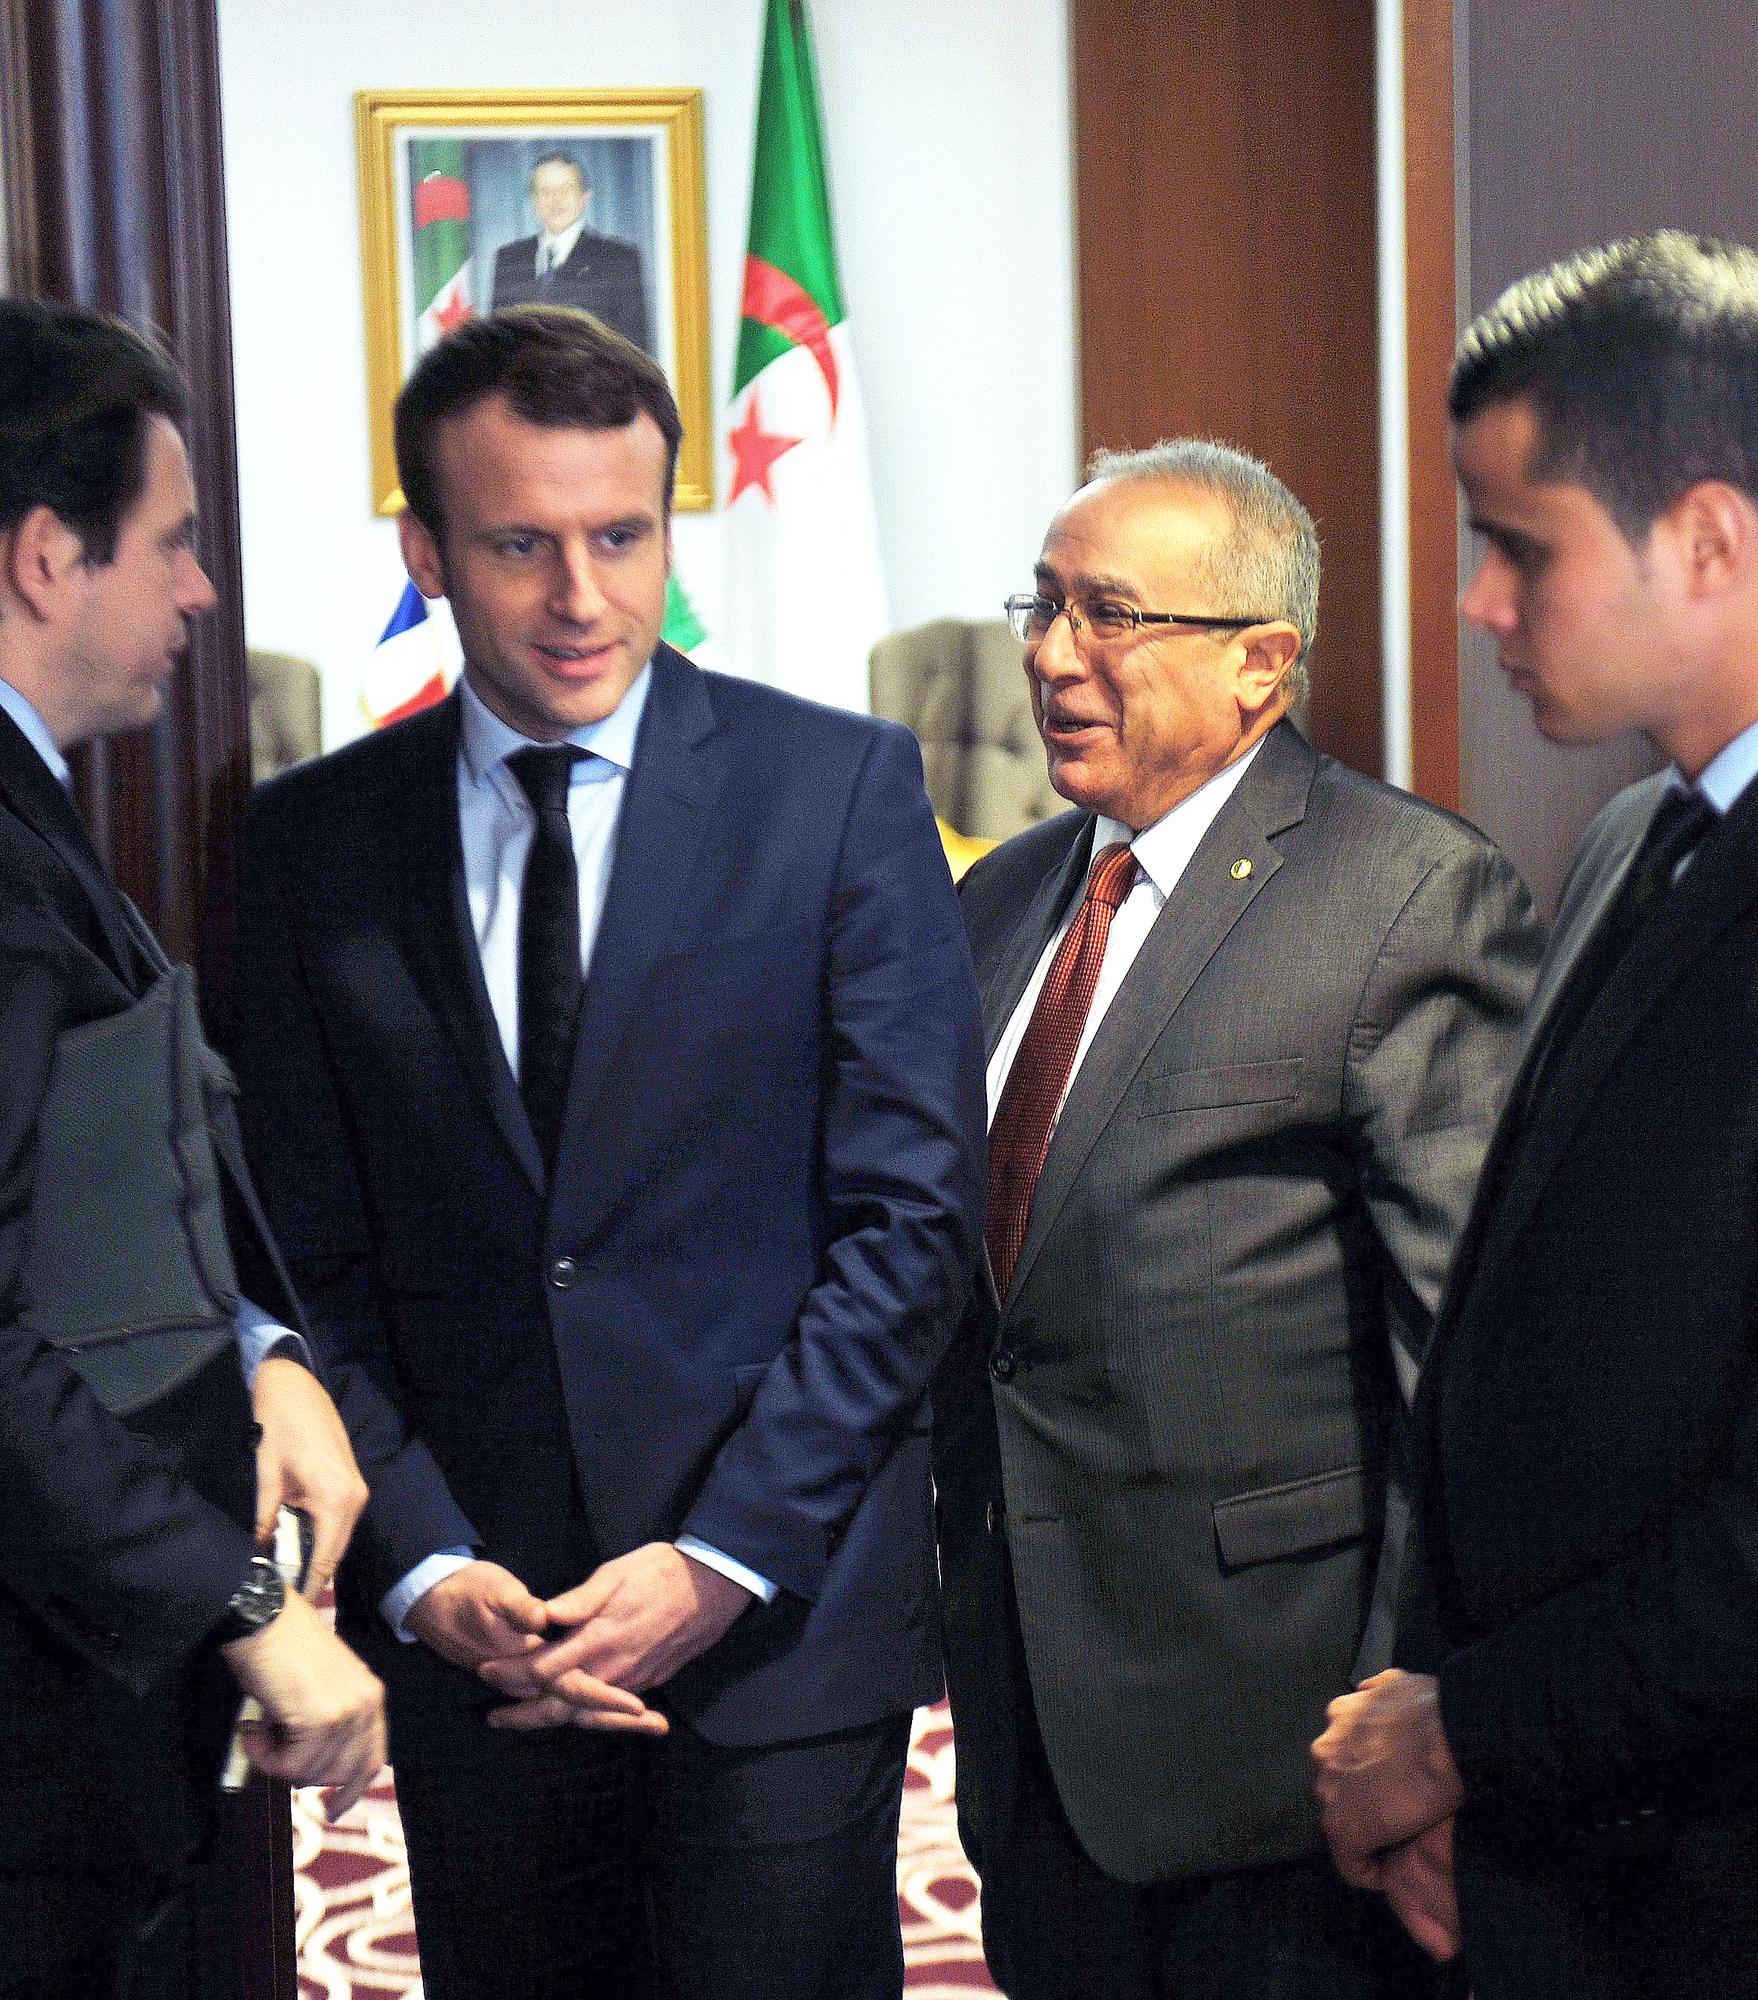 Le président français Emmanuel Macron (à g.) avec Ramtane Lamamra, alorsministredes Affaires étrangères, en février2017, à Alger.